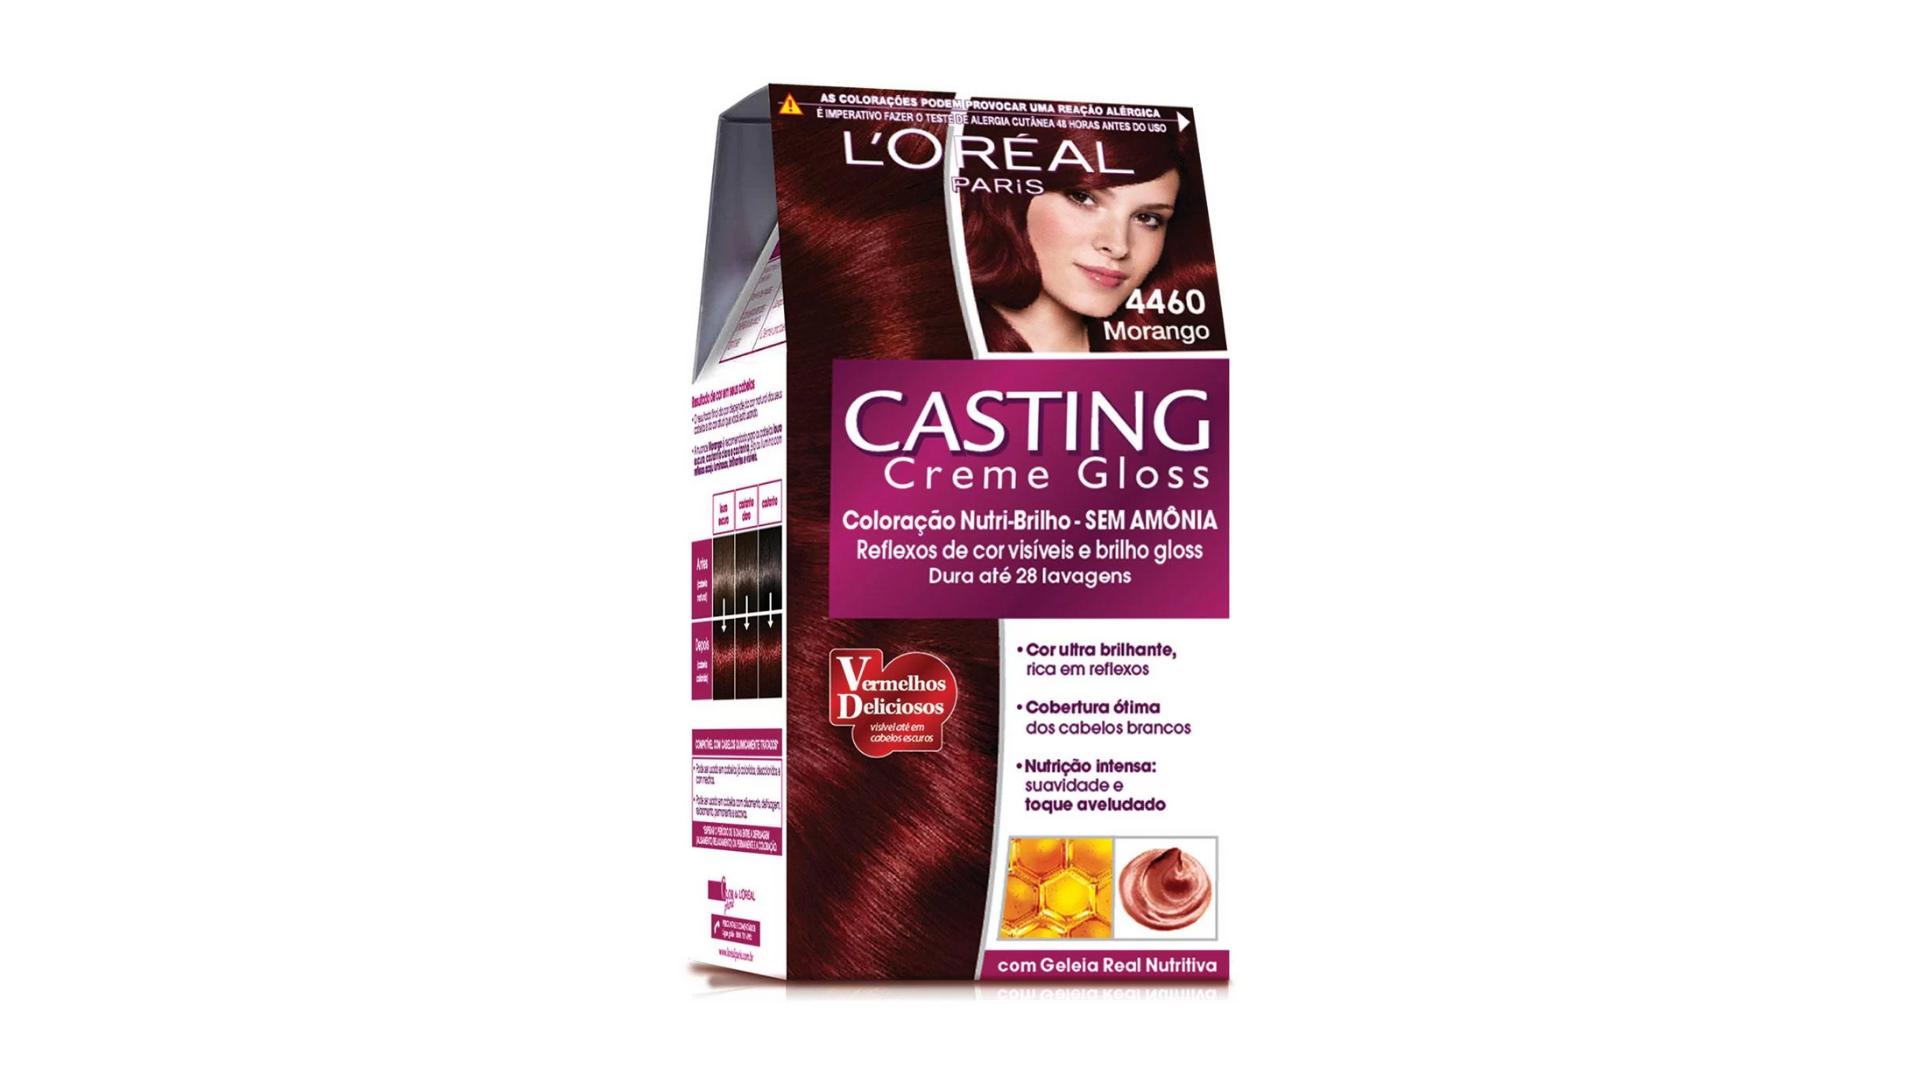 L'Oréal Casting (Imagem: Divulgação/L'Oréal)